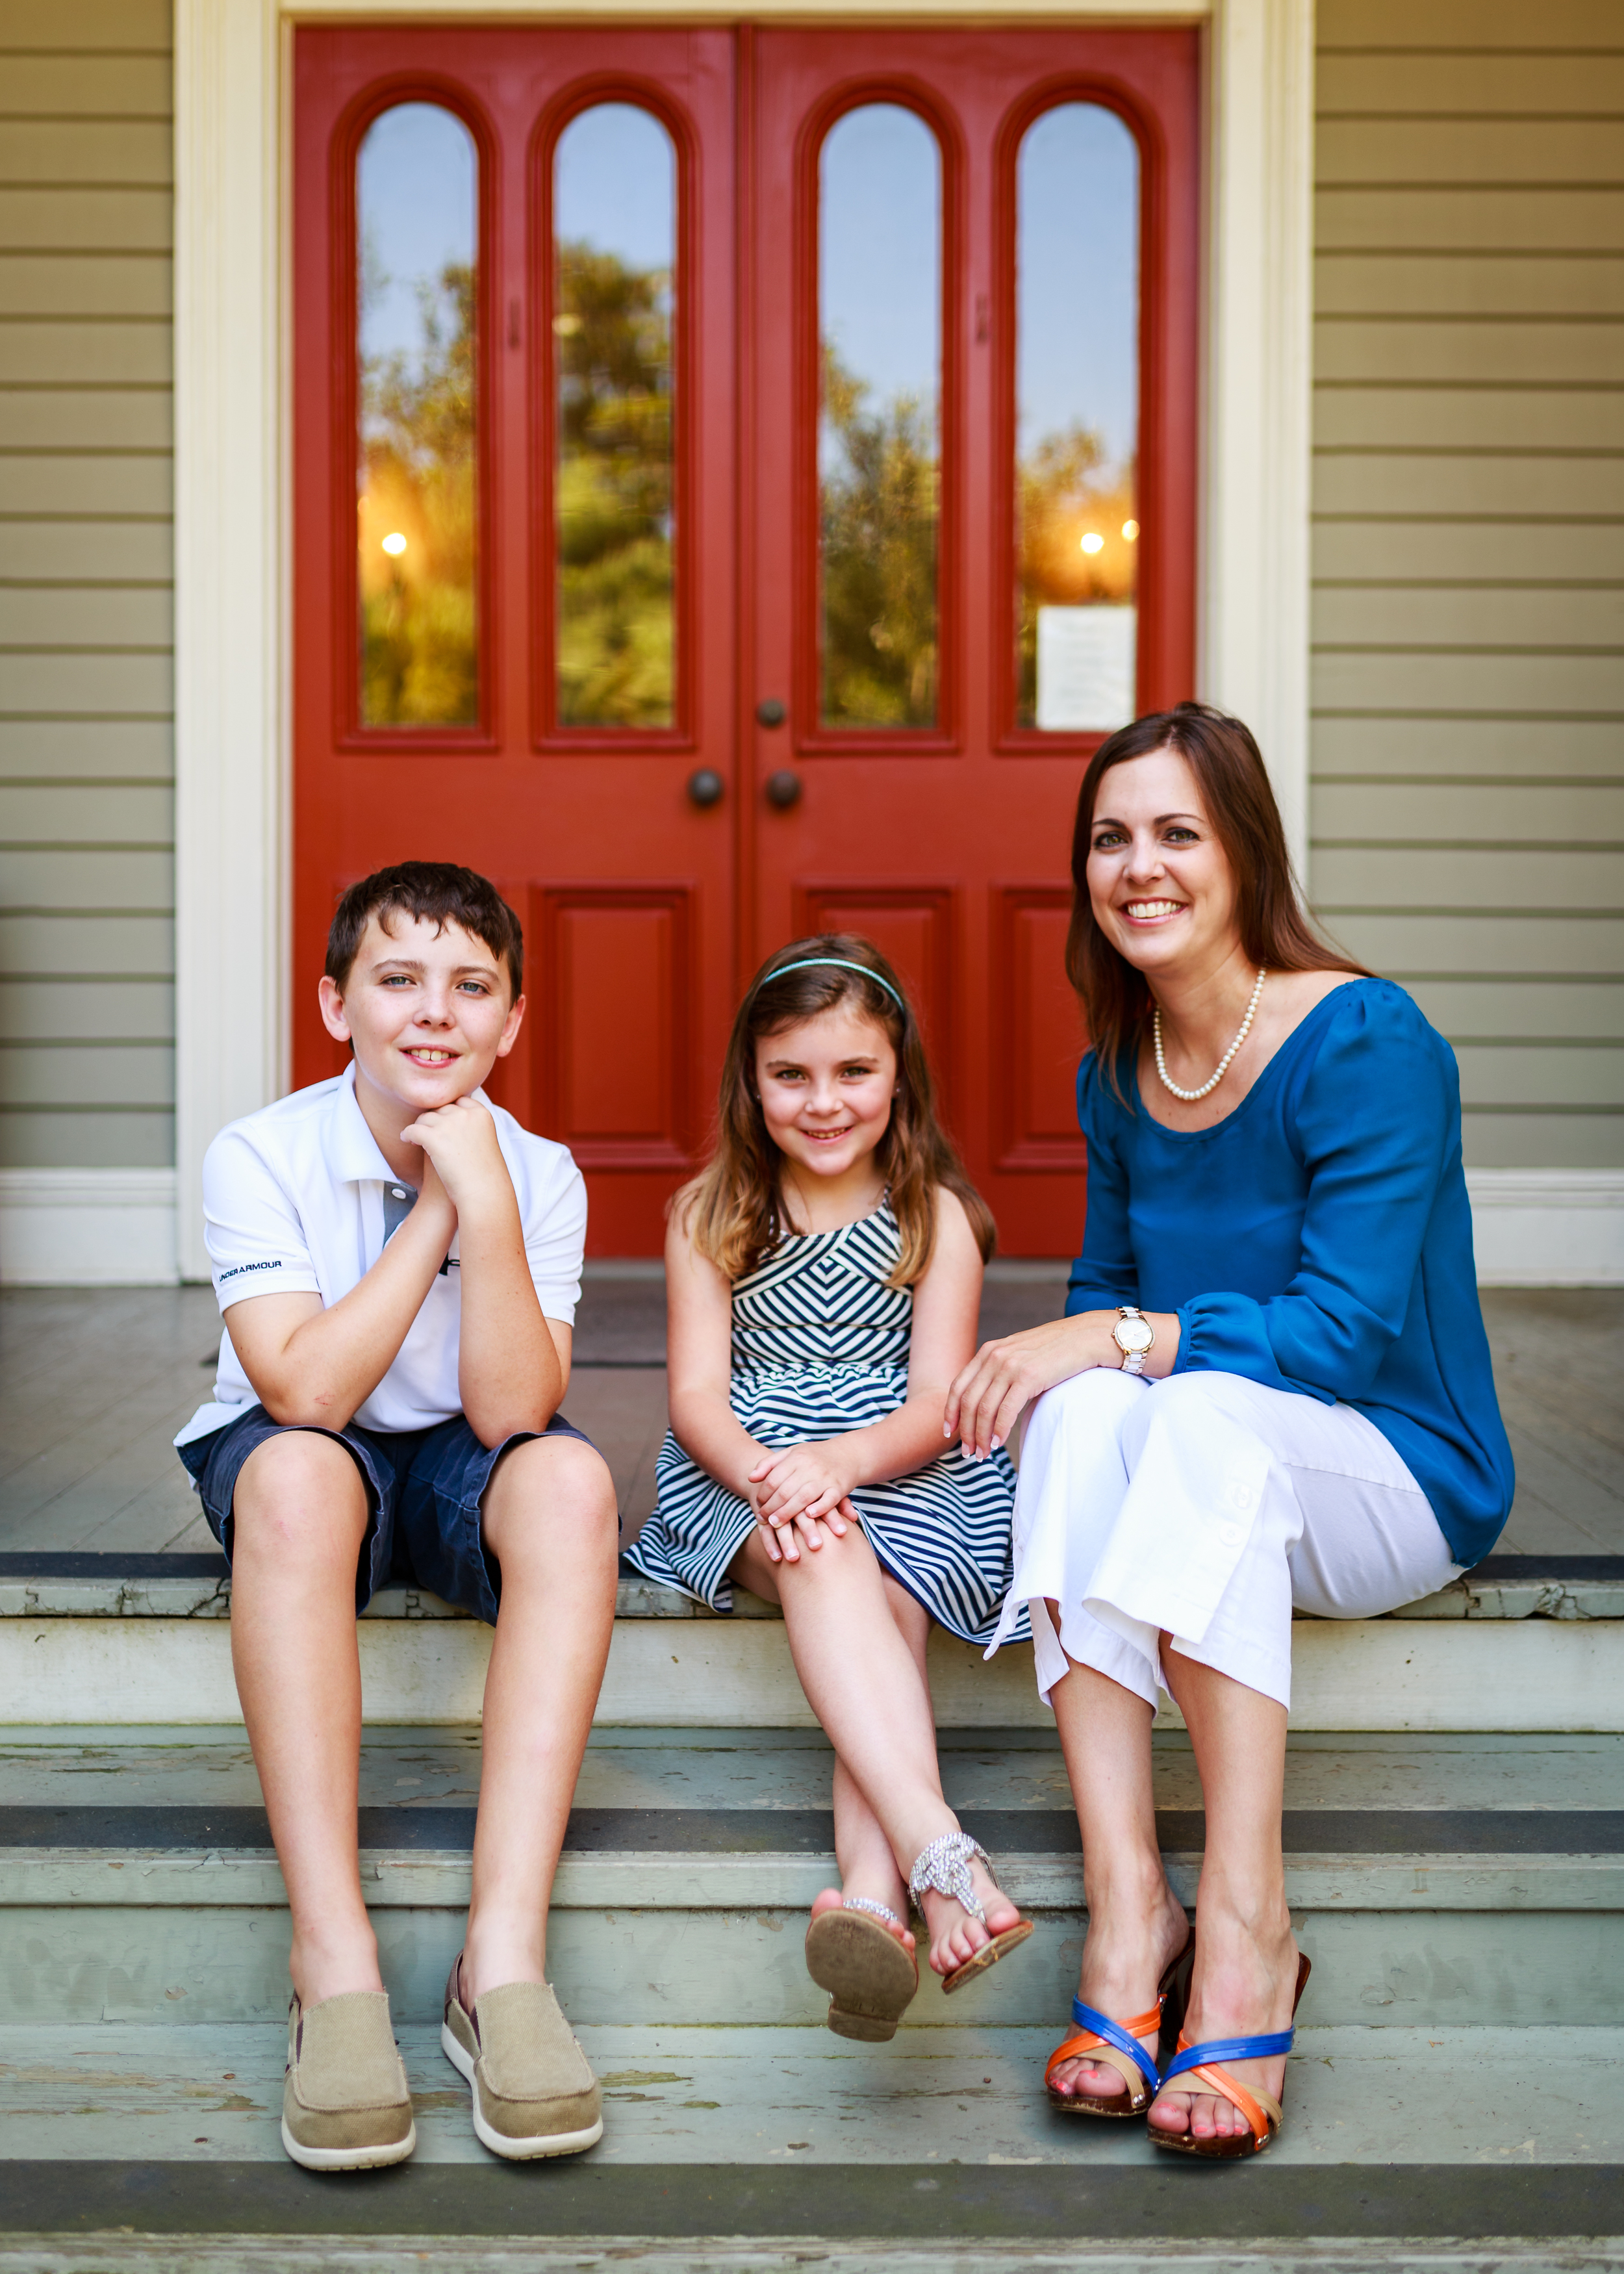 Rip Van Winkle Family PhotographerRip Van Winkle Family Photographer